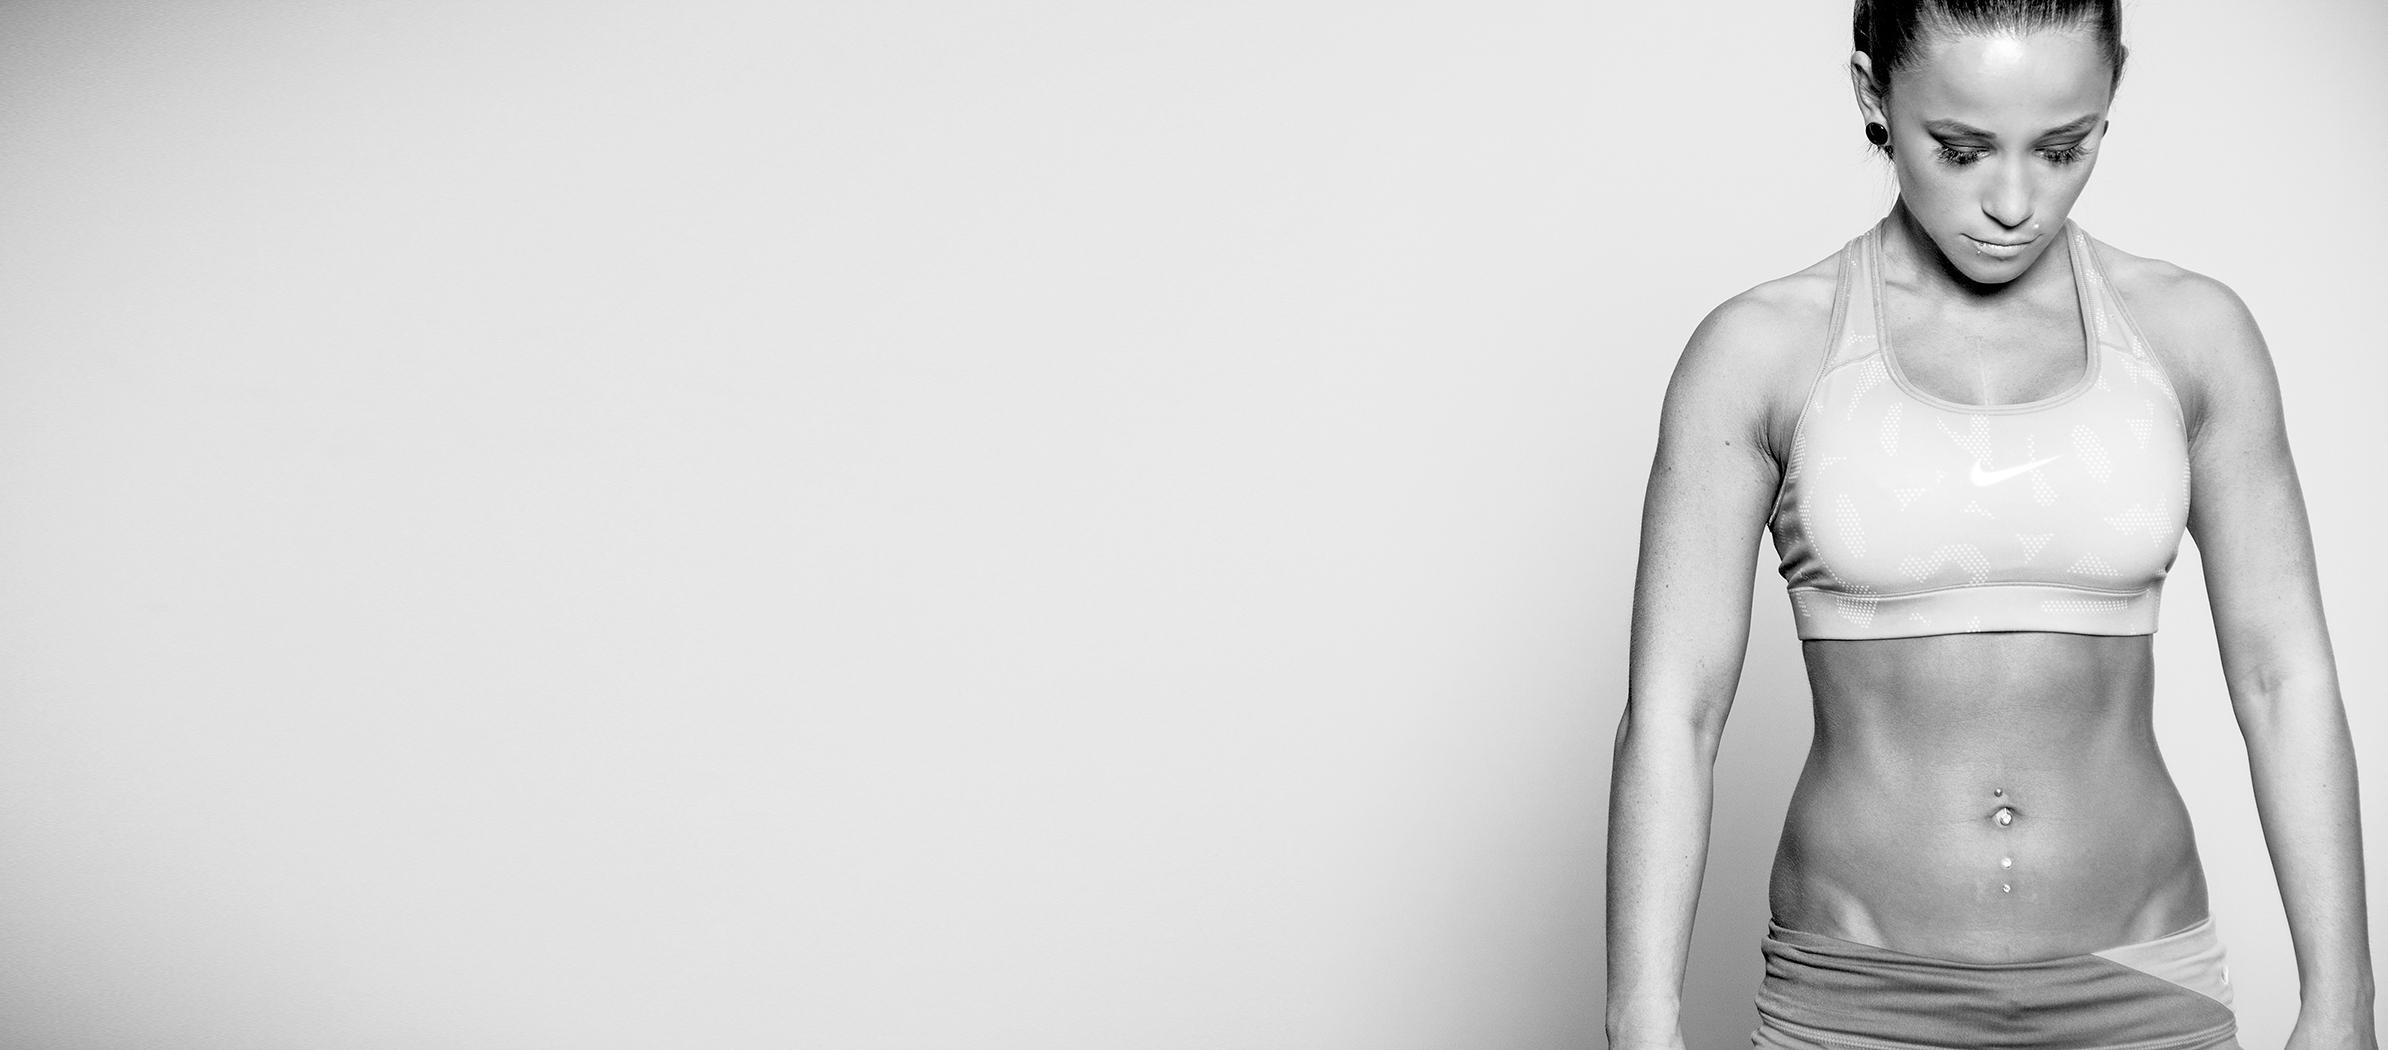 Johanna Fischer Fitness Model 1